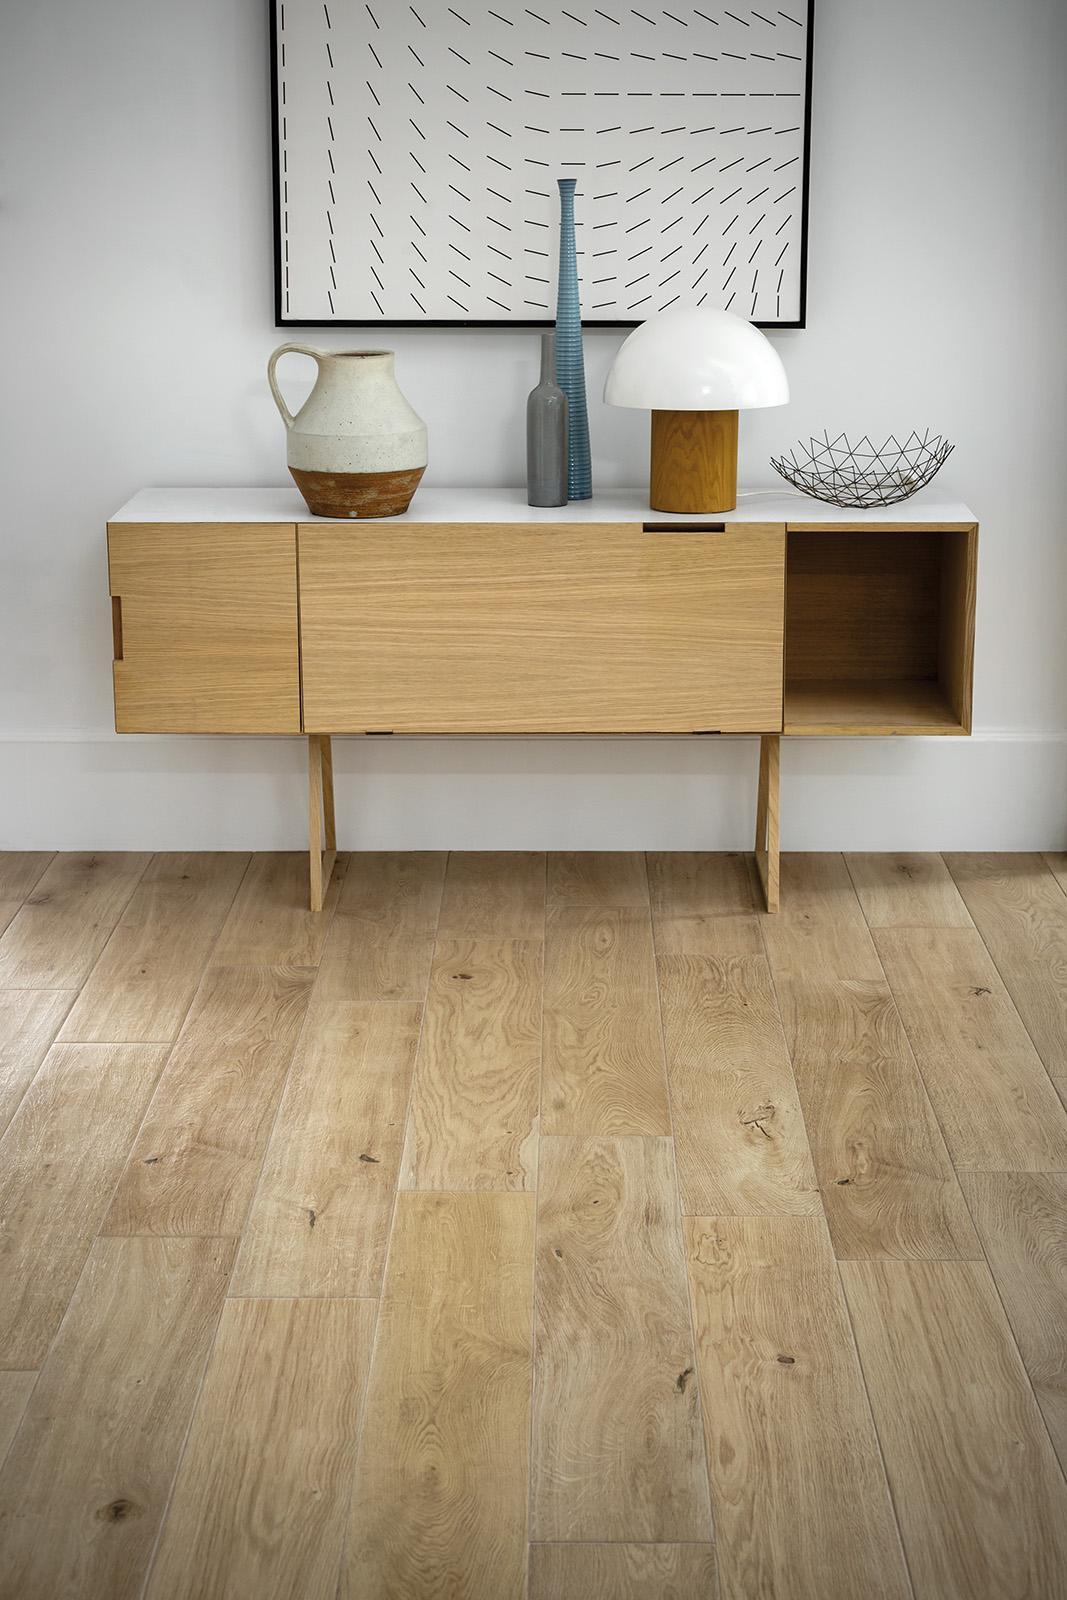 bc hardwood floor co ltd of treverkever hard wood effect stoneware flooring marazzi with treverkever wood effect living room